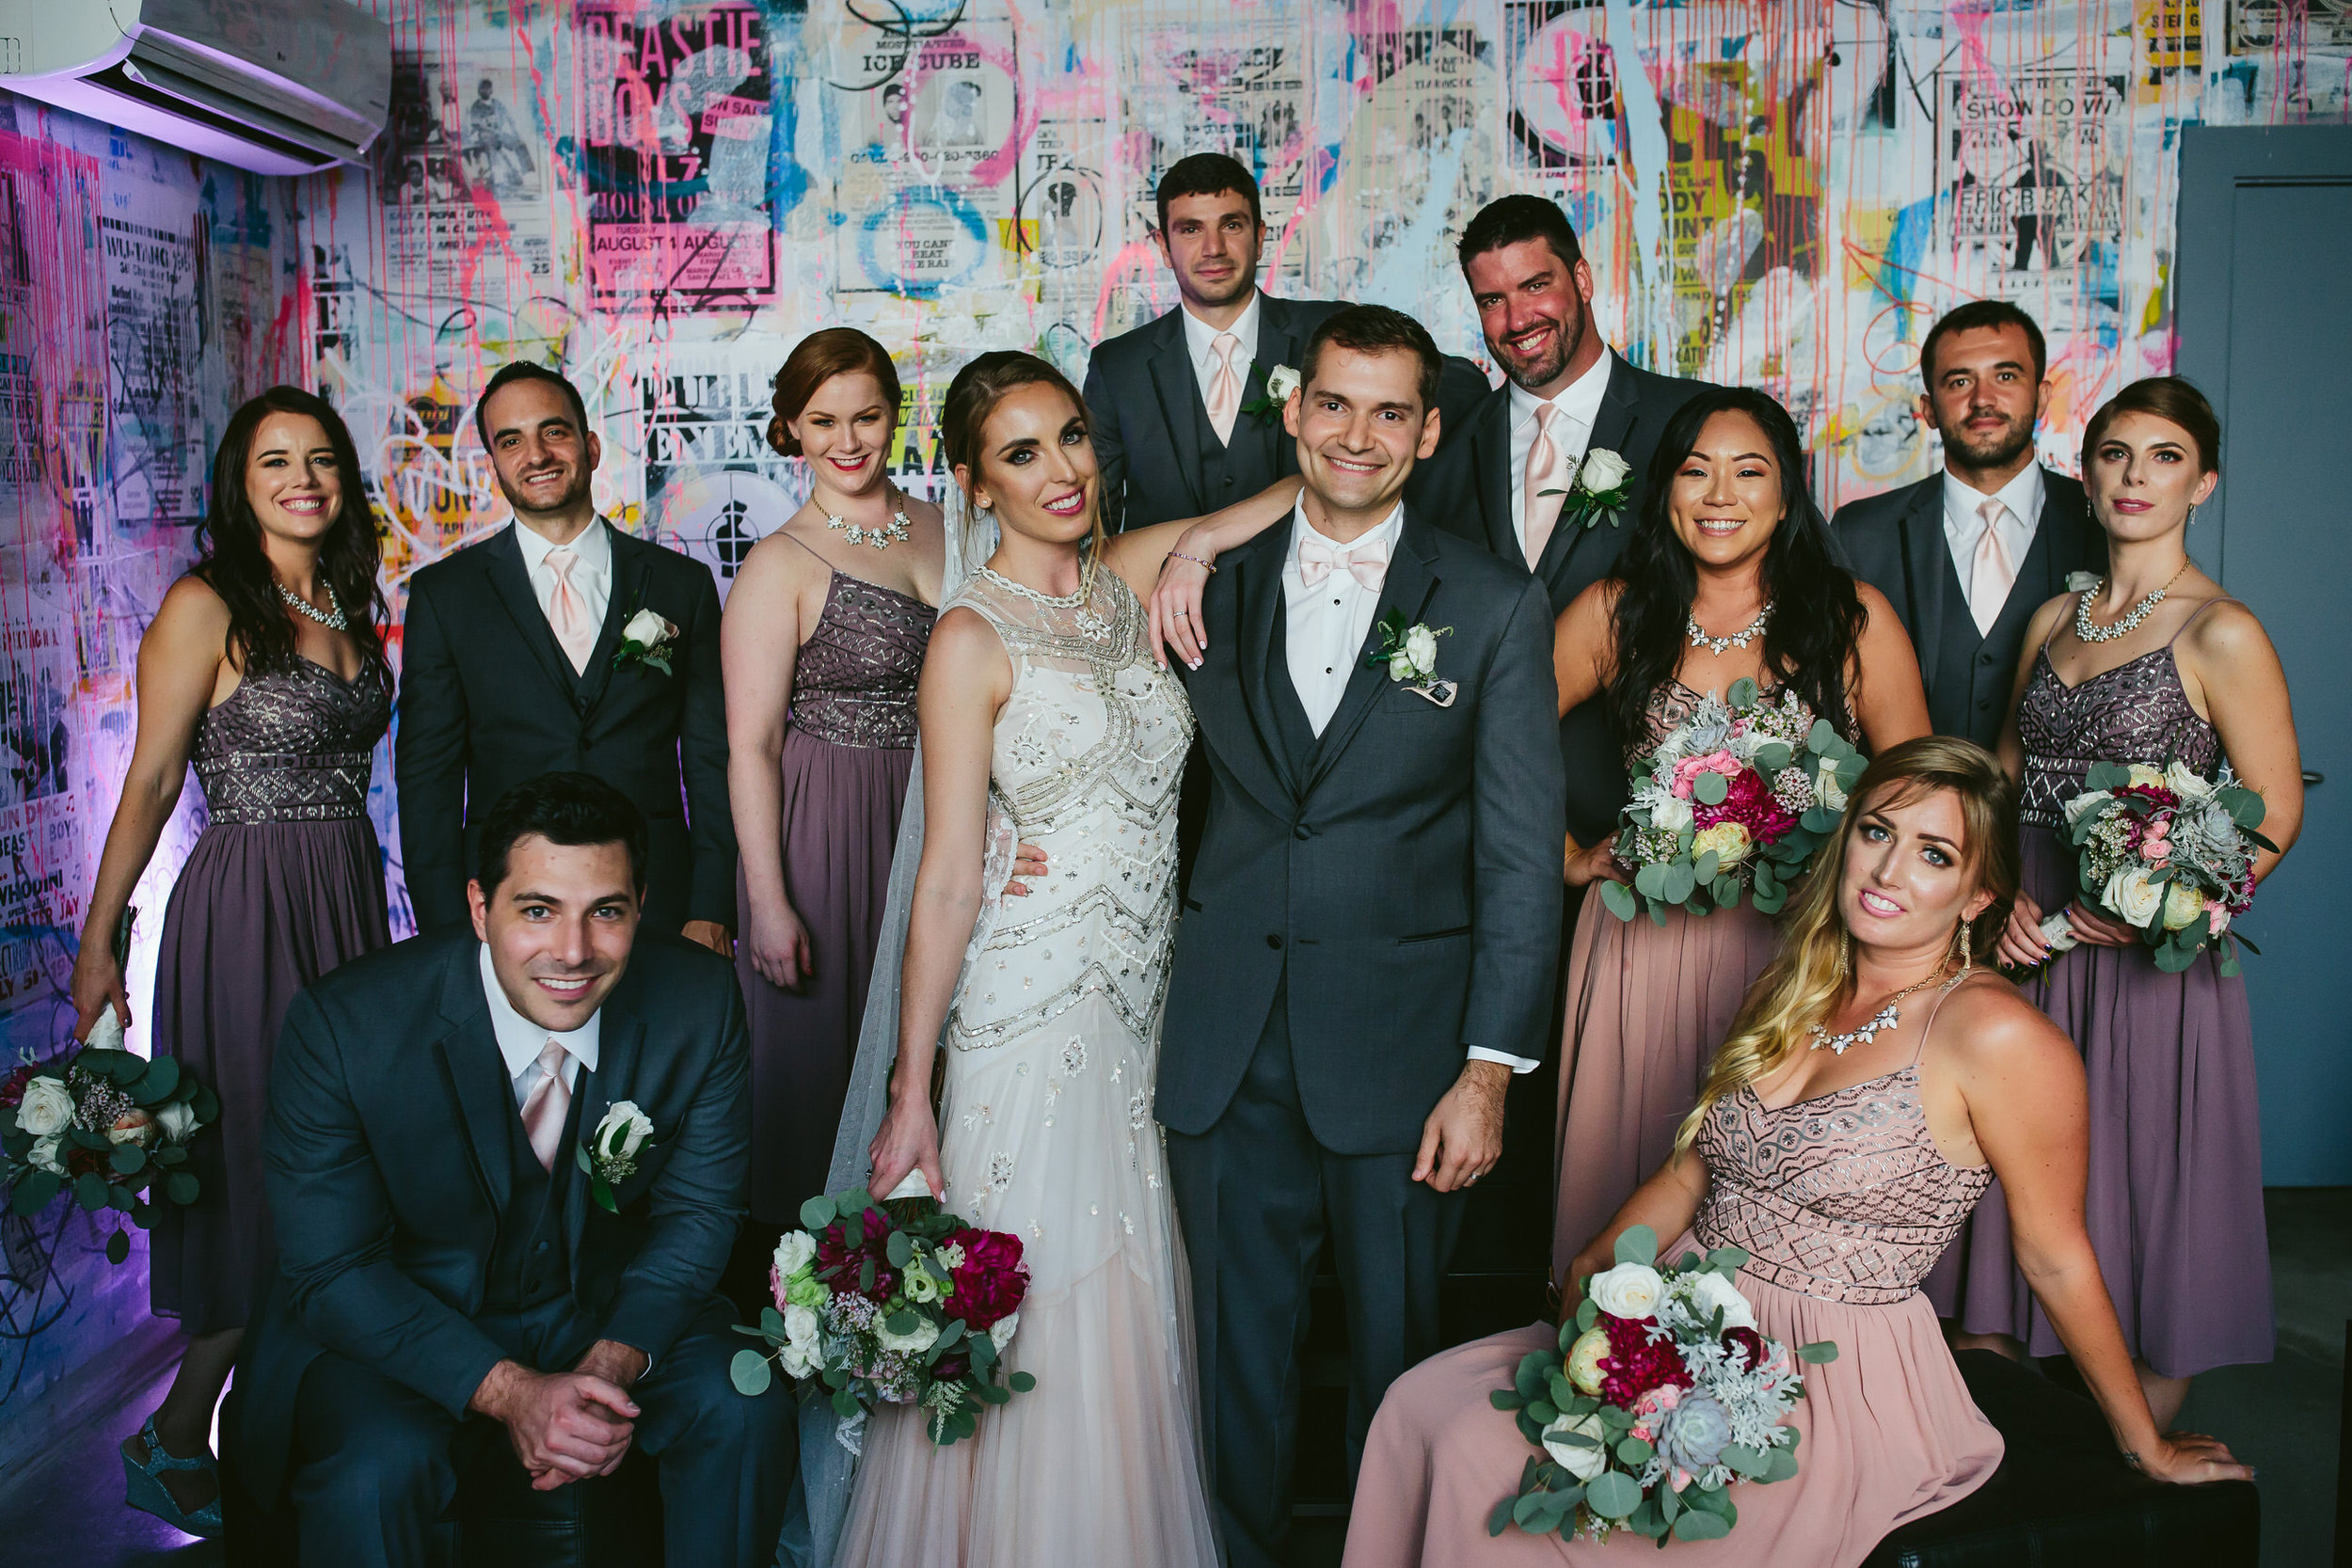 gorgeous wedding party portrait miami brickell wedding